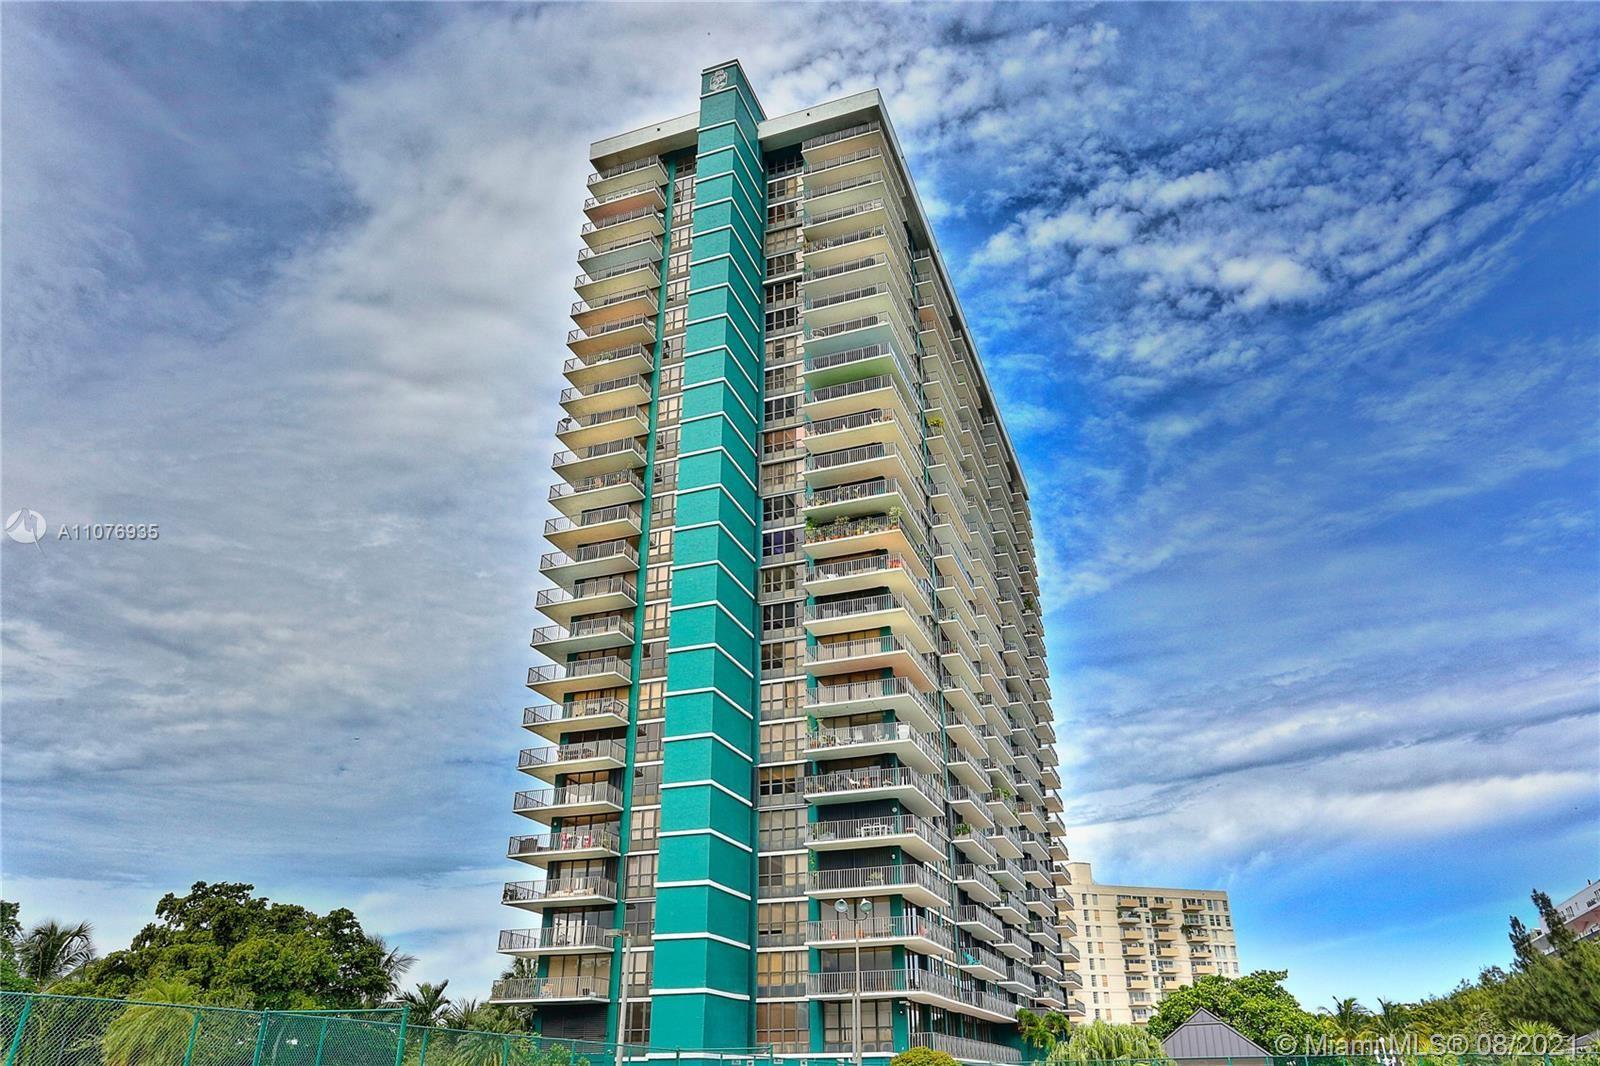 780 NE 69th St #804, Miami, FL 33138 - #: A11076935